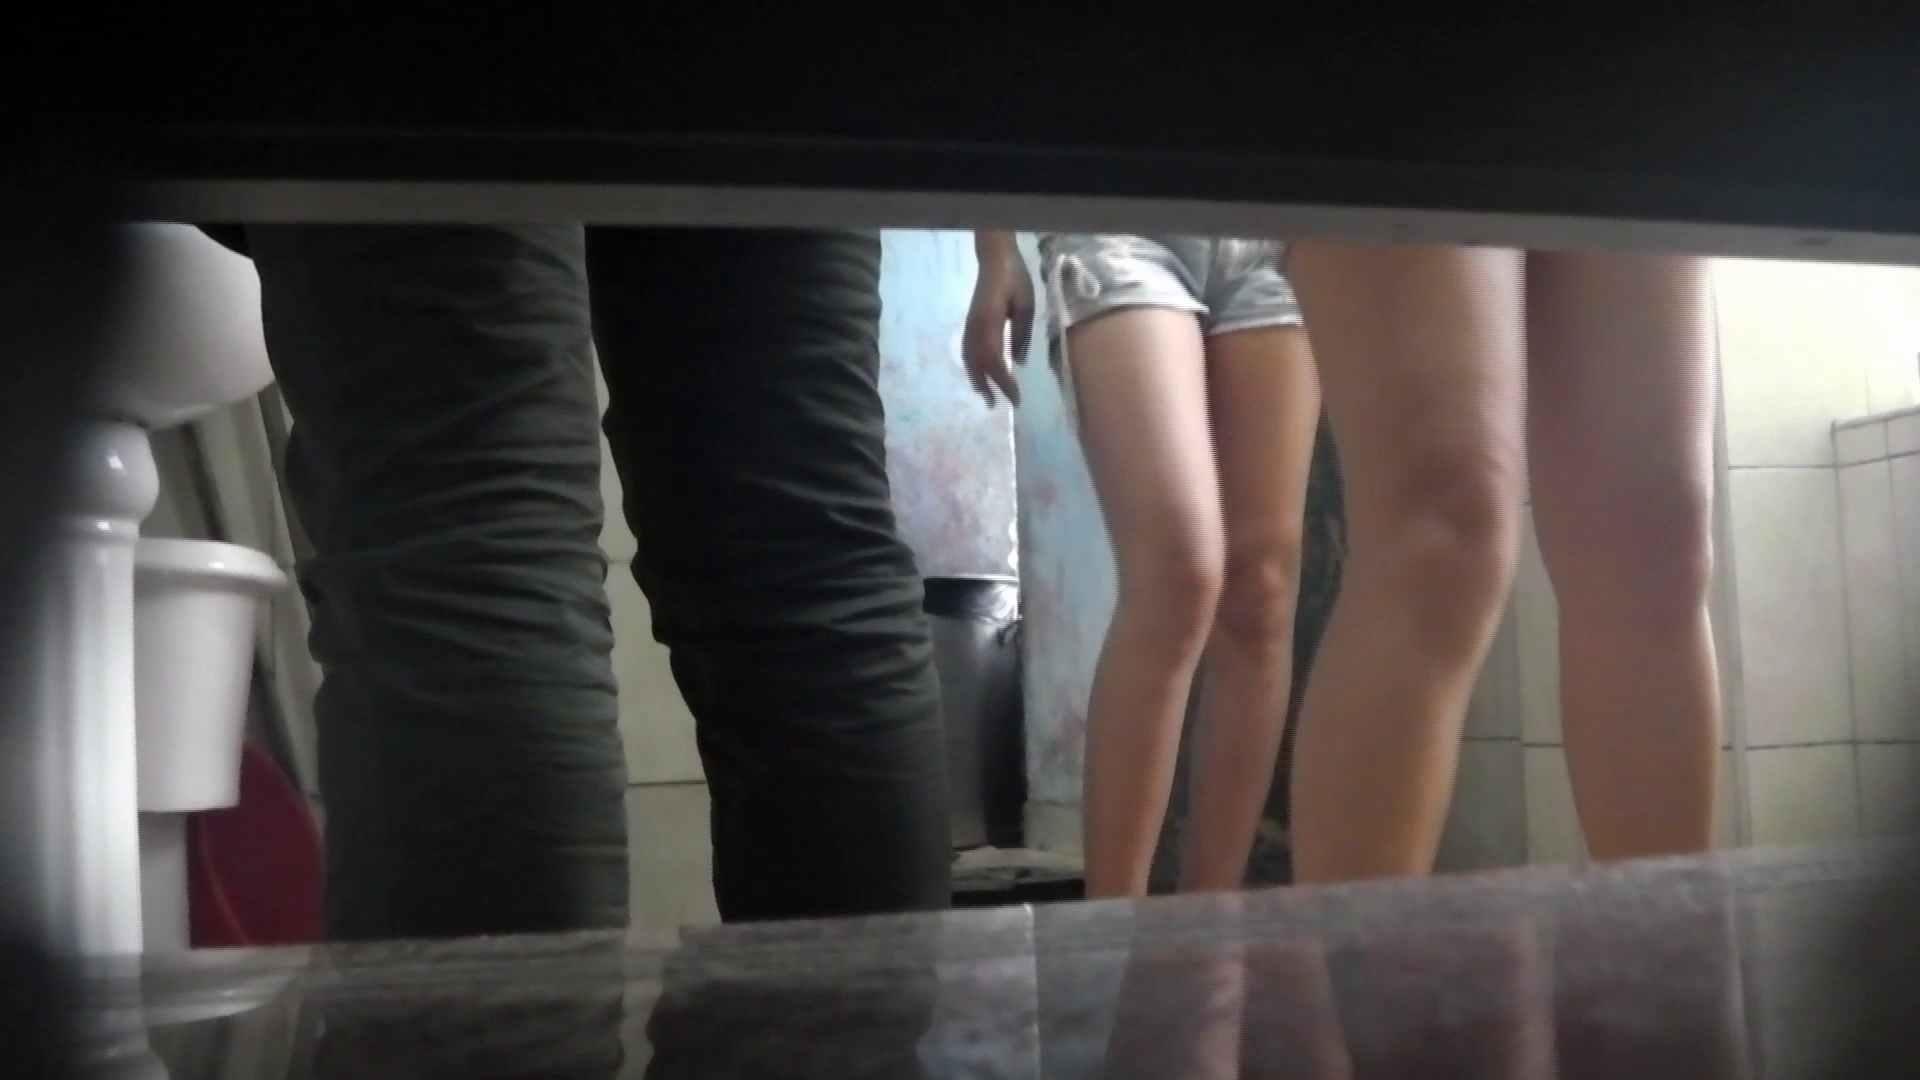 ステーション編 vol46 美女のアップが盛りだくさん。 丸見えマンコ   高画質  51画像 26